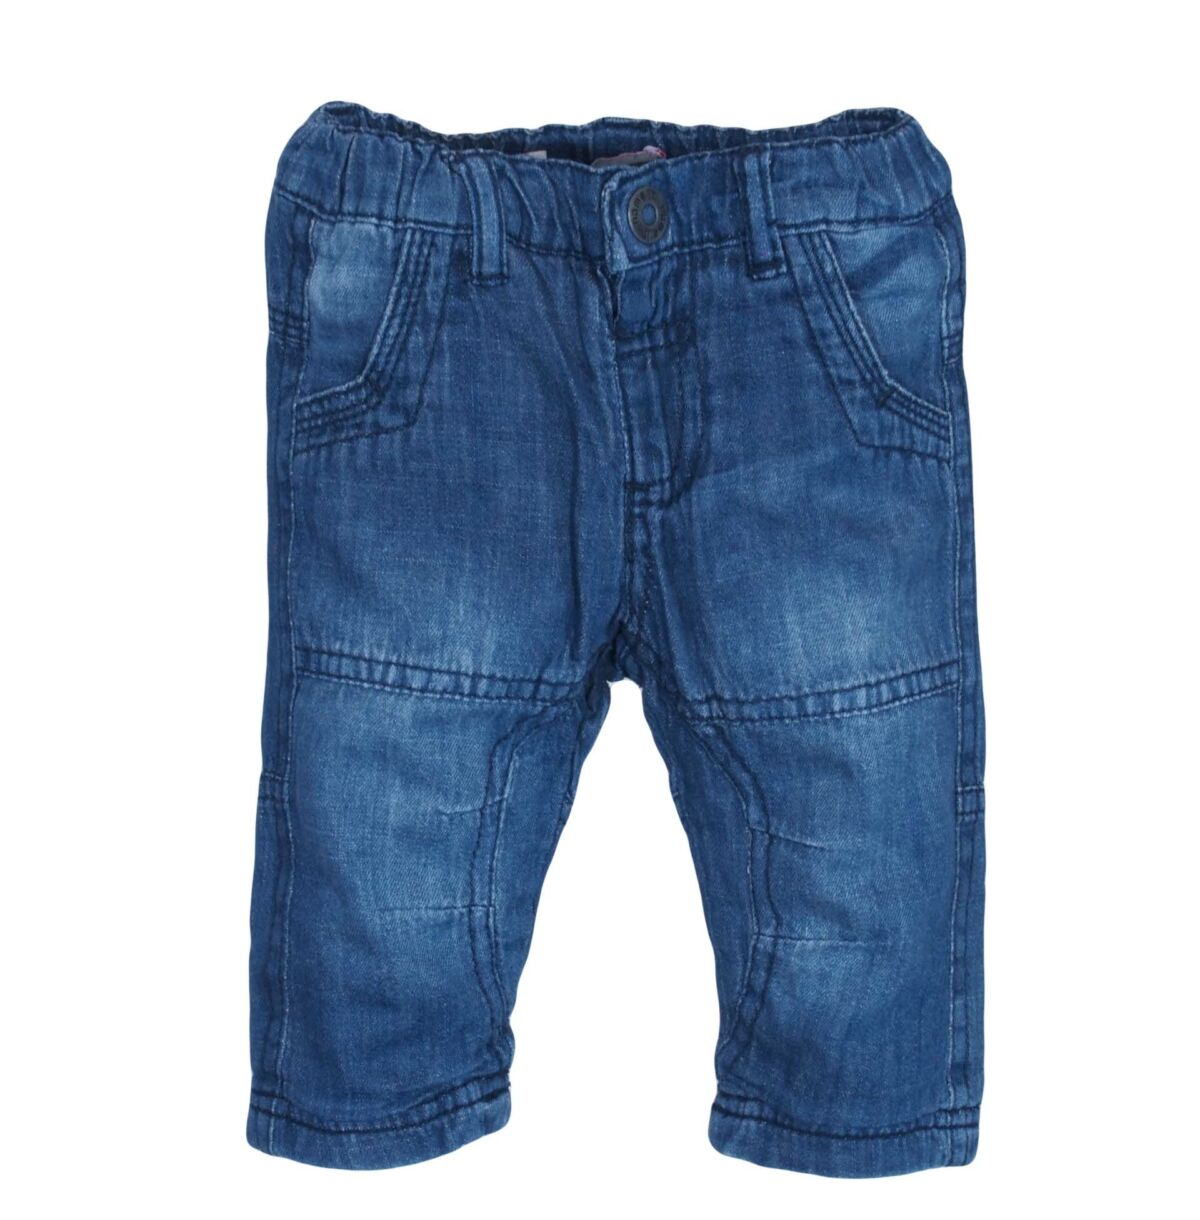 Használt és Outlet gyerekruhák kedvező áron - 70. oldal c02852b5d7